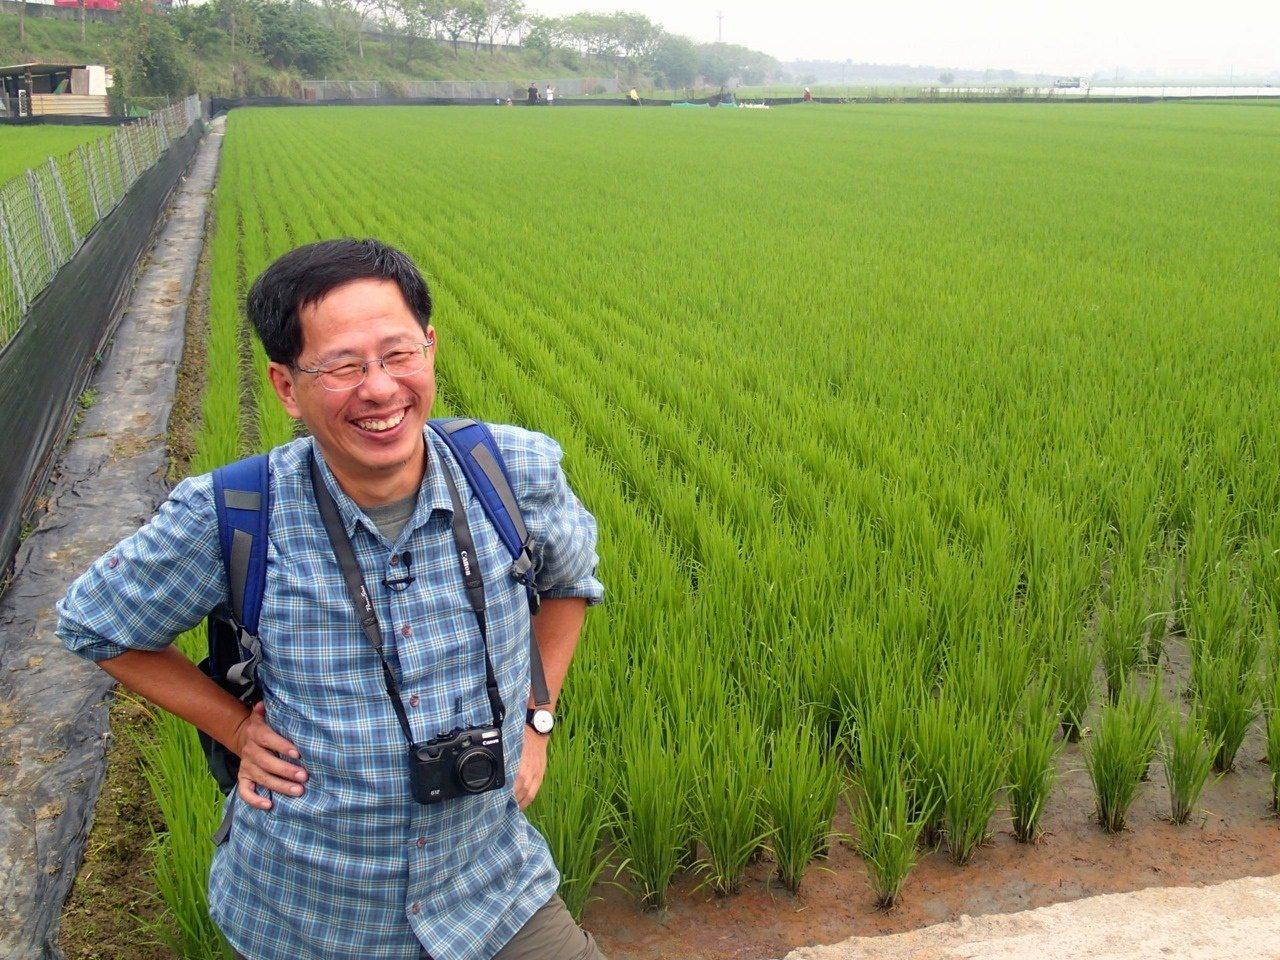 作家劉克襄獲第六屆聯合報文學大獎。圖/劉克襄提供